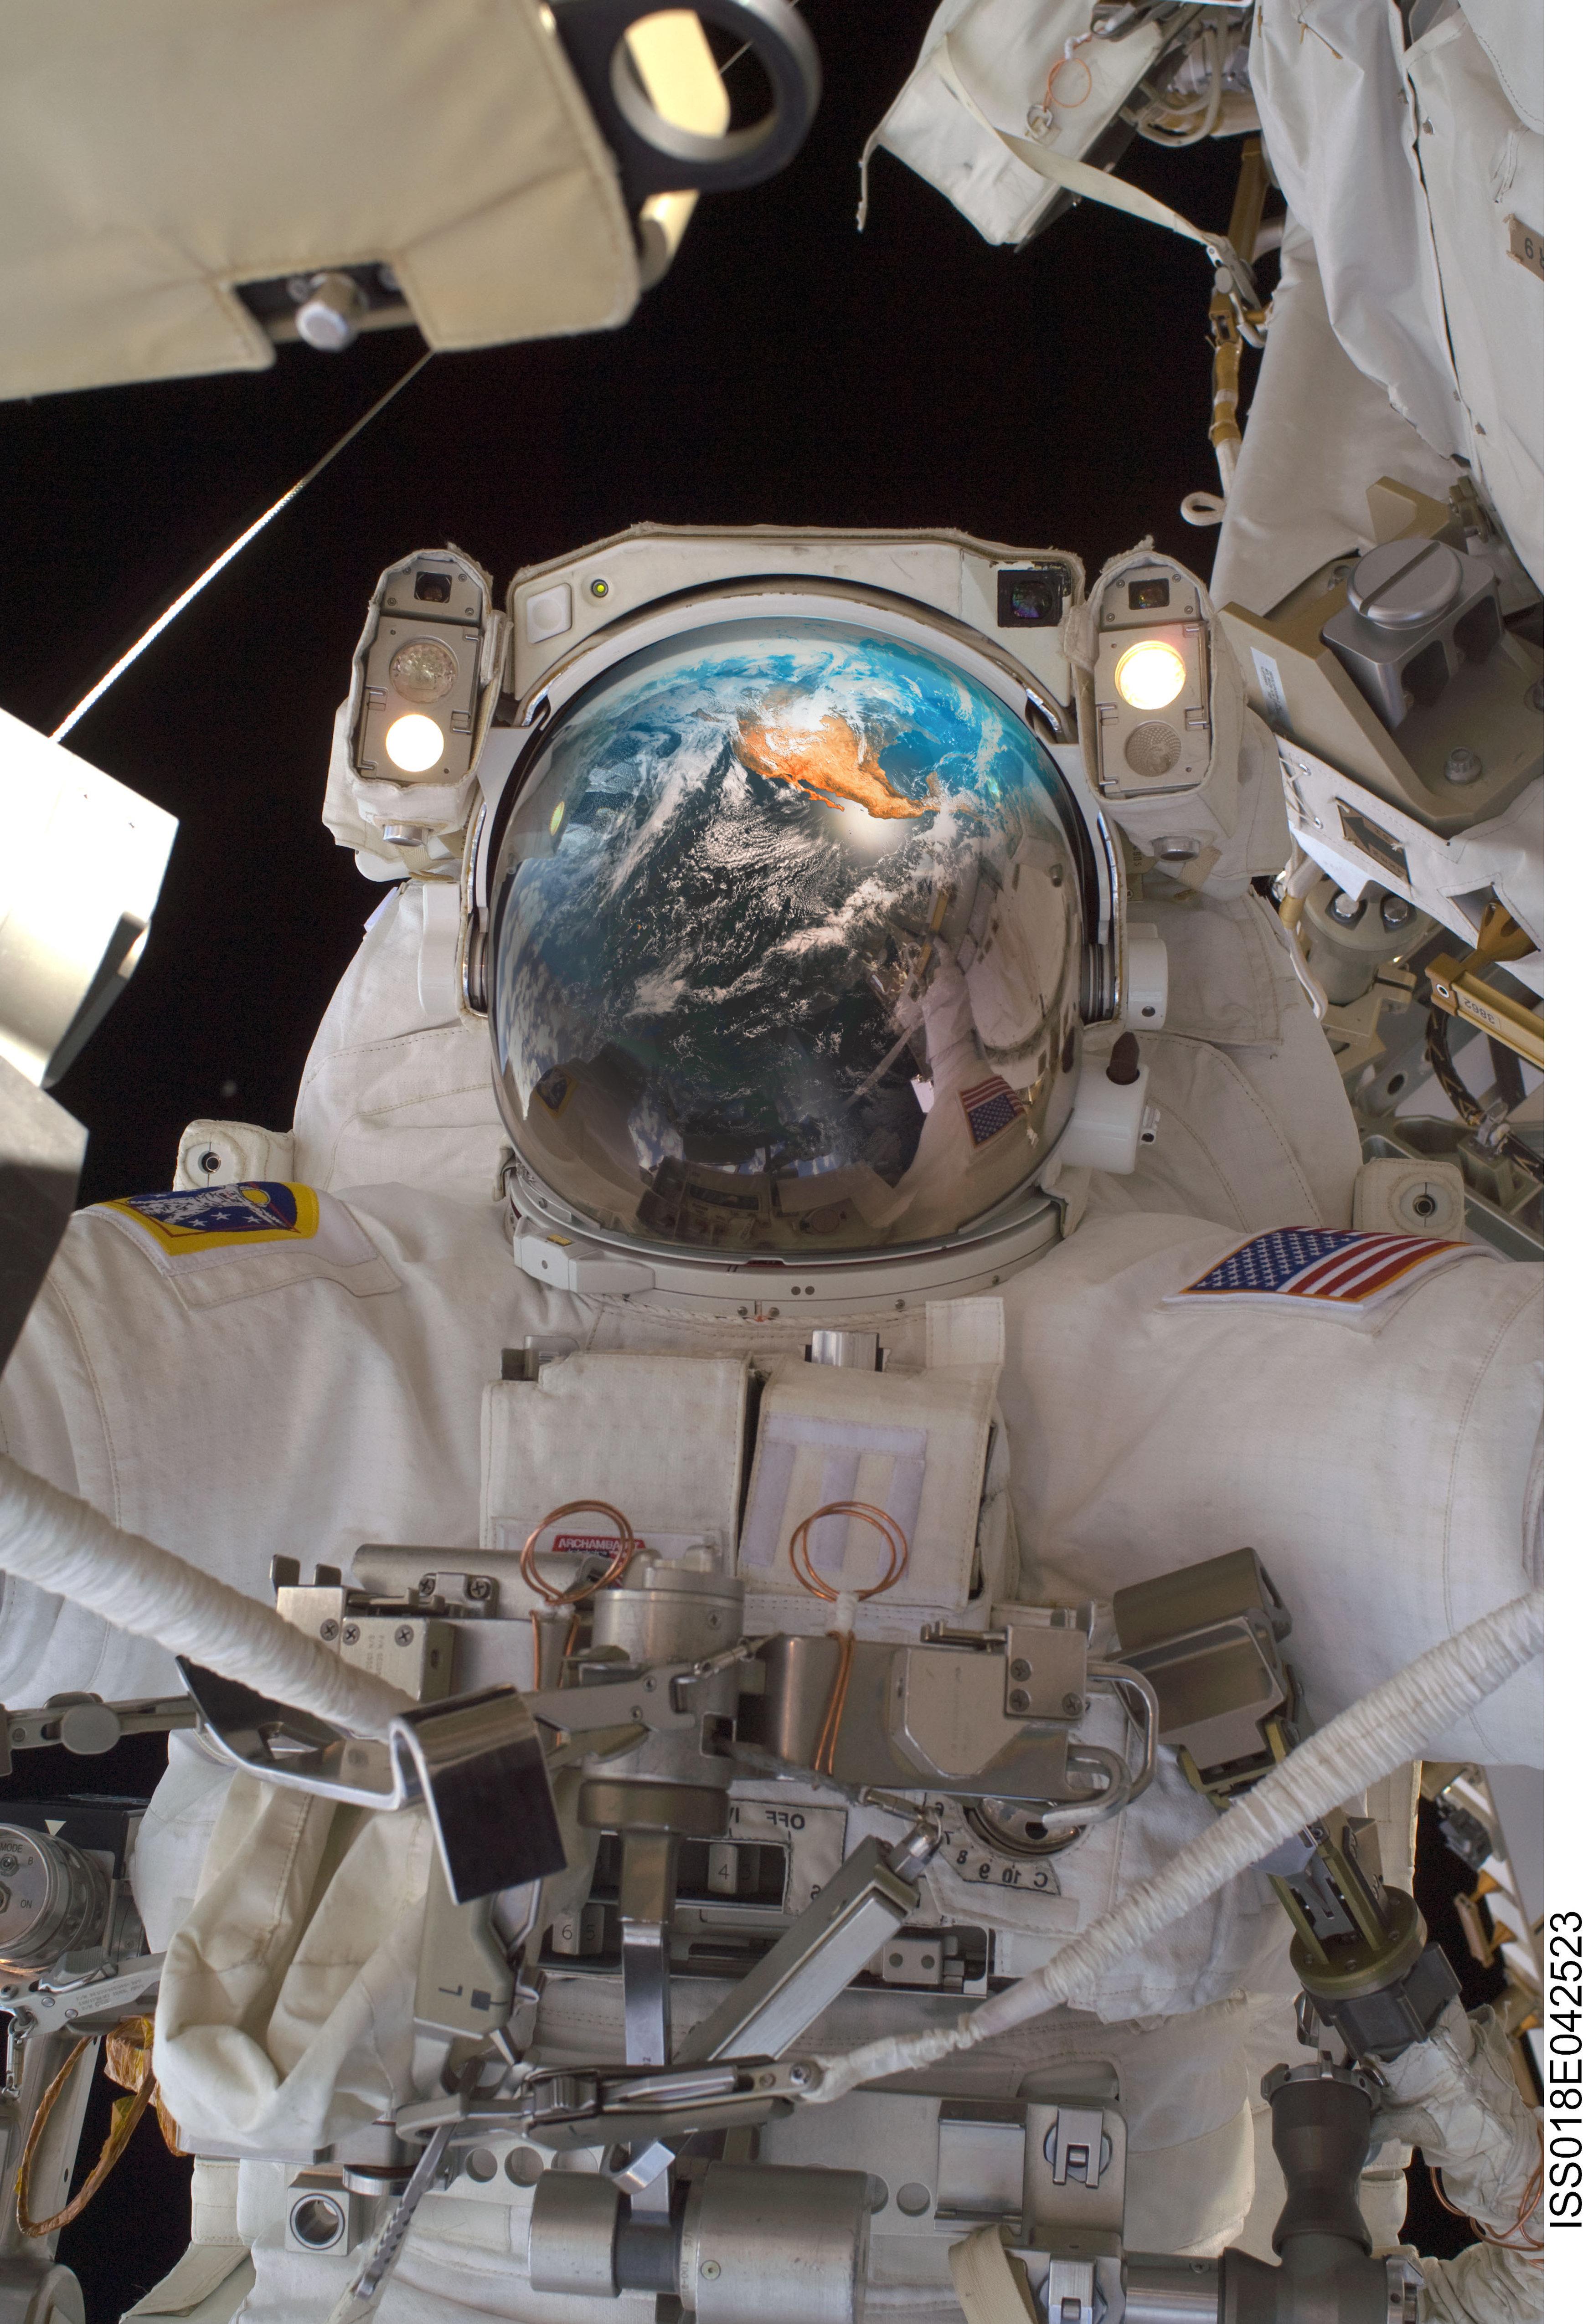 Γιατί οι ΗΠΑ πληρώνουν στη Ρωσία 85 εκατ. δολάρια όταν στέλνουν αστροναύτη στο διάστημα